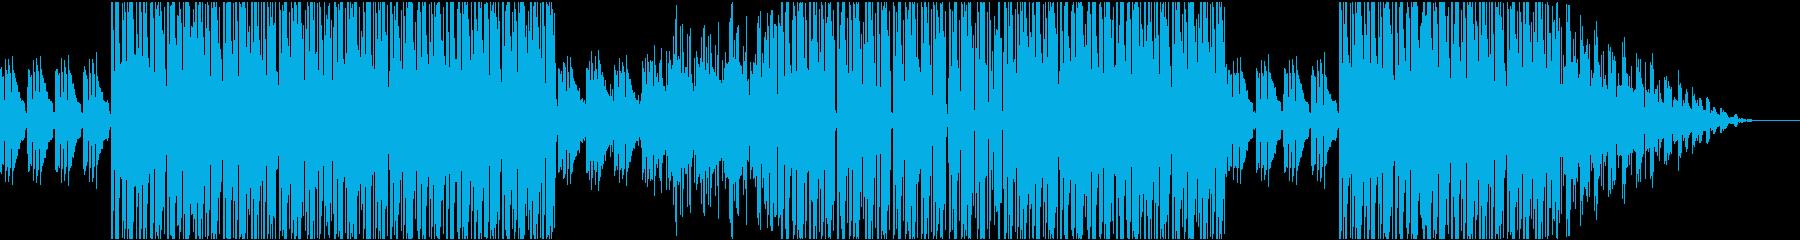 ローファイ オールドピアノ&シンセの再生済みの波形